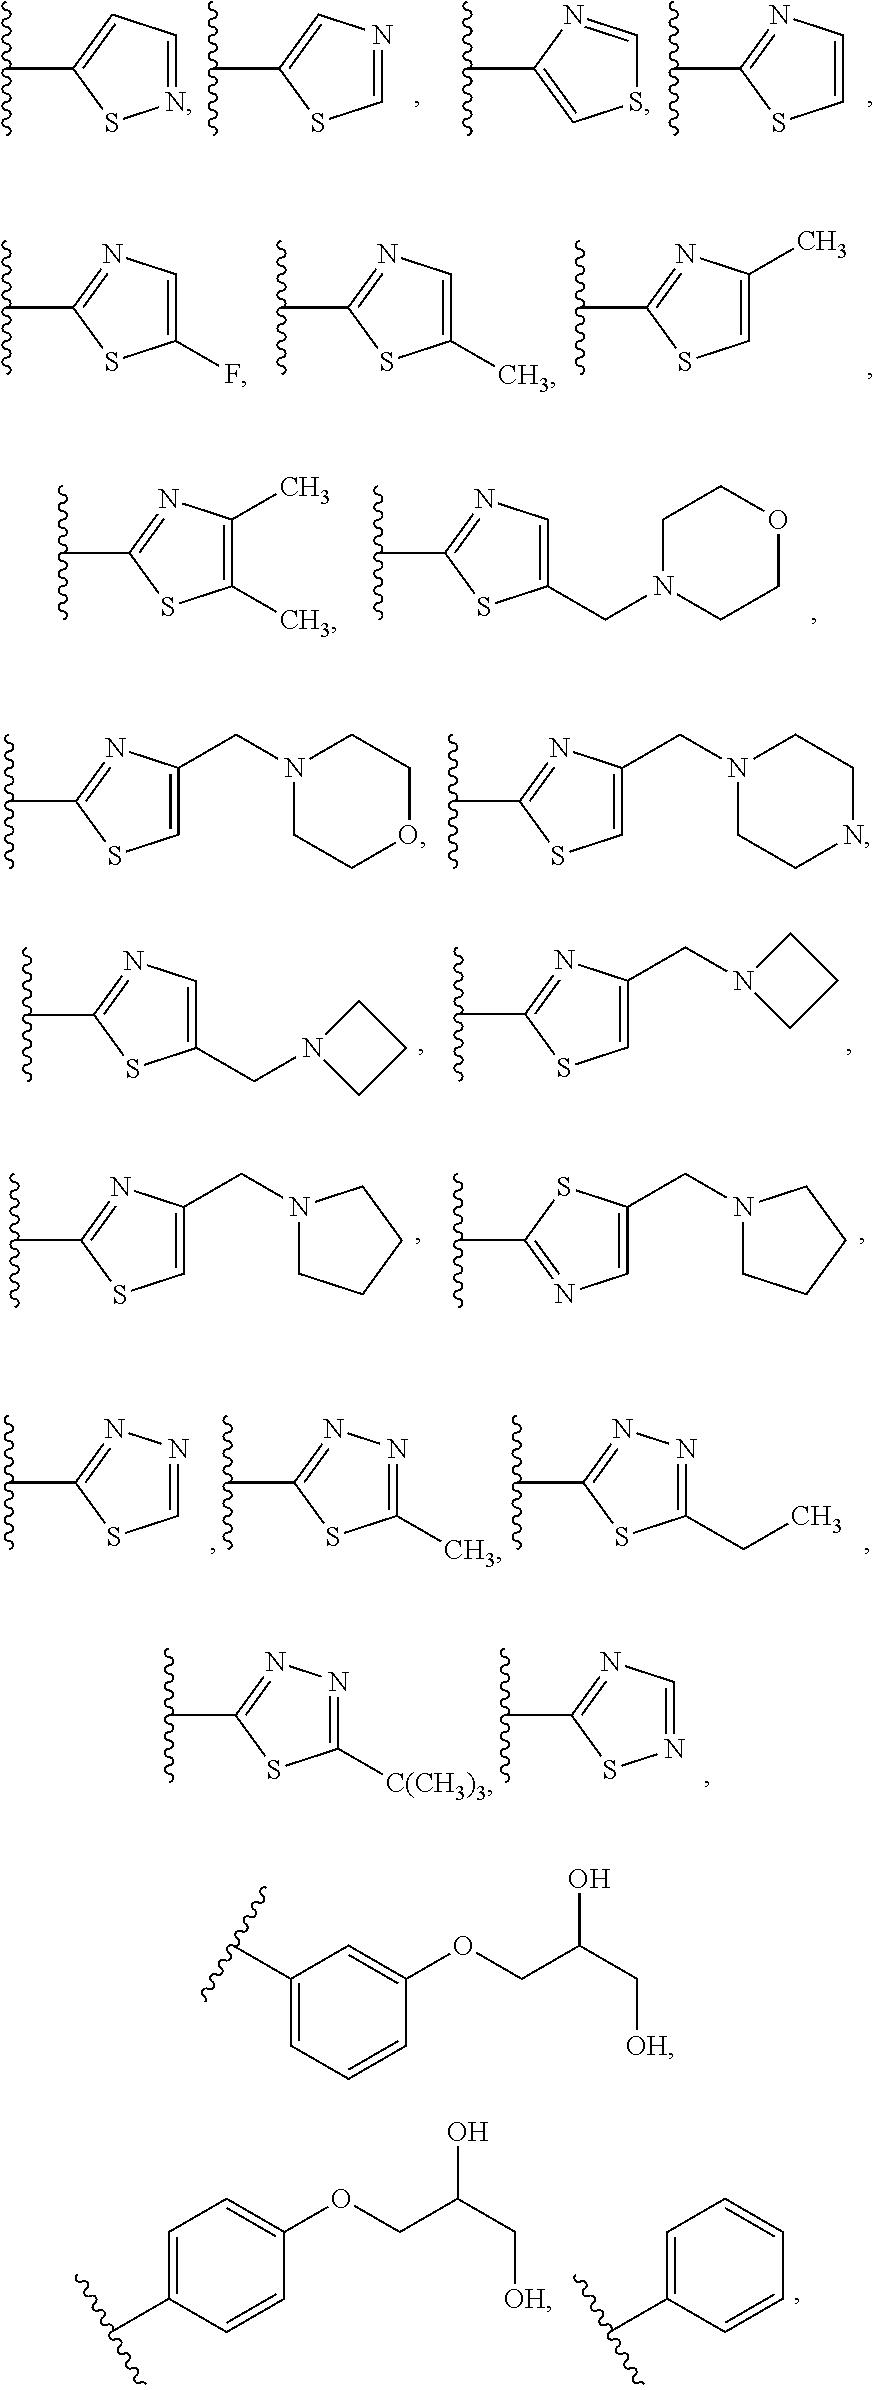 Figure US09326986-20160503-C00358